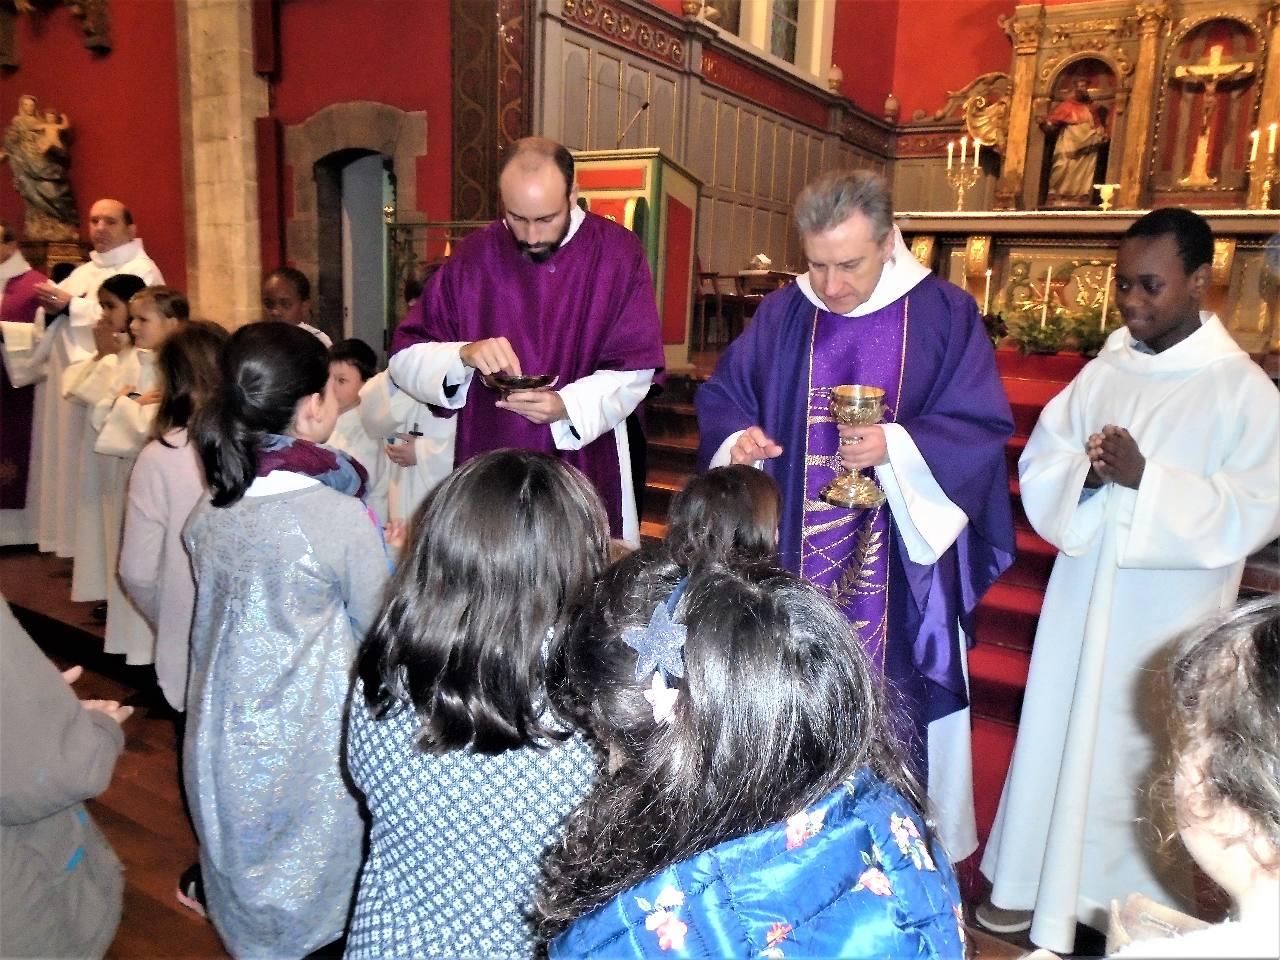 """Ceux qui ne sont pas encore prêts à communier au Corps du Christ reçoivent """"la Croix de Jésus qui t'aime !"""""""